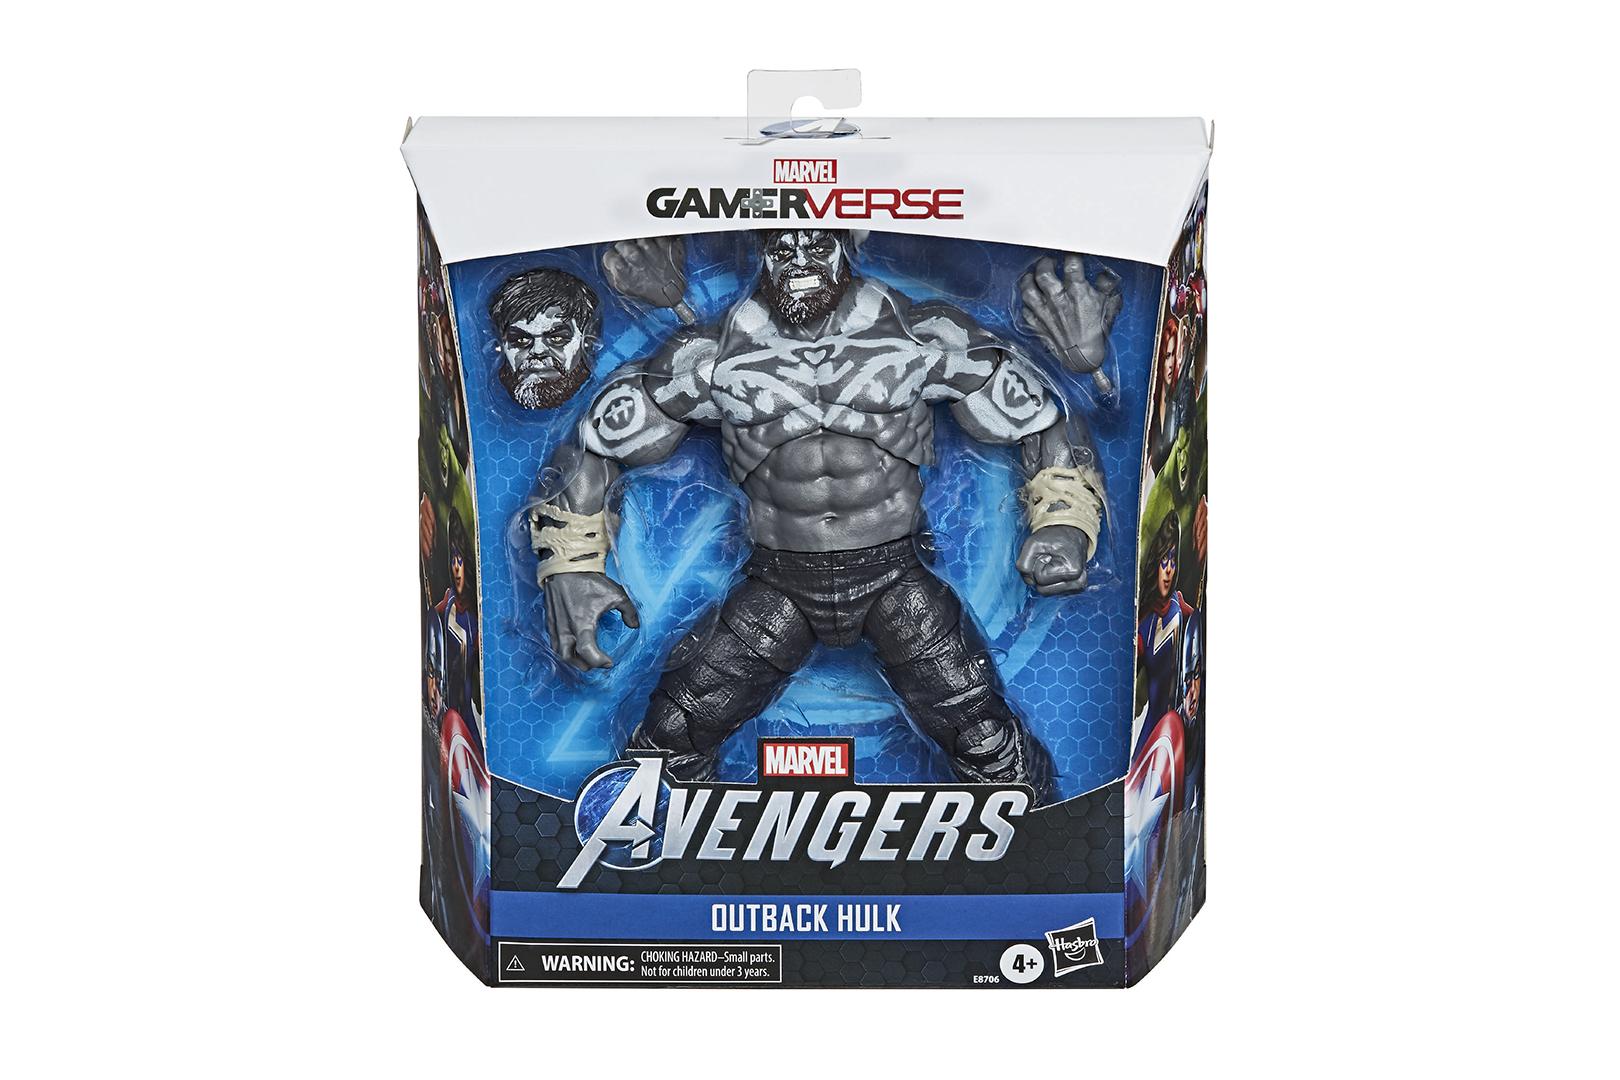 เผยโฉม Marvel Legends Outback Hulk ฟิกเกอร์จากเกม Marvel's Avengers